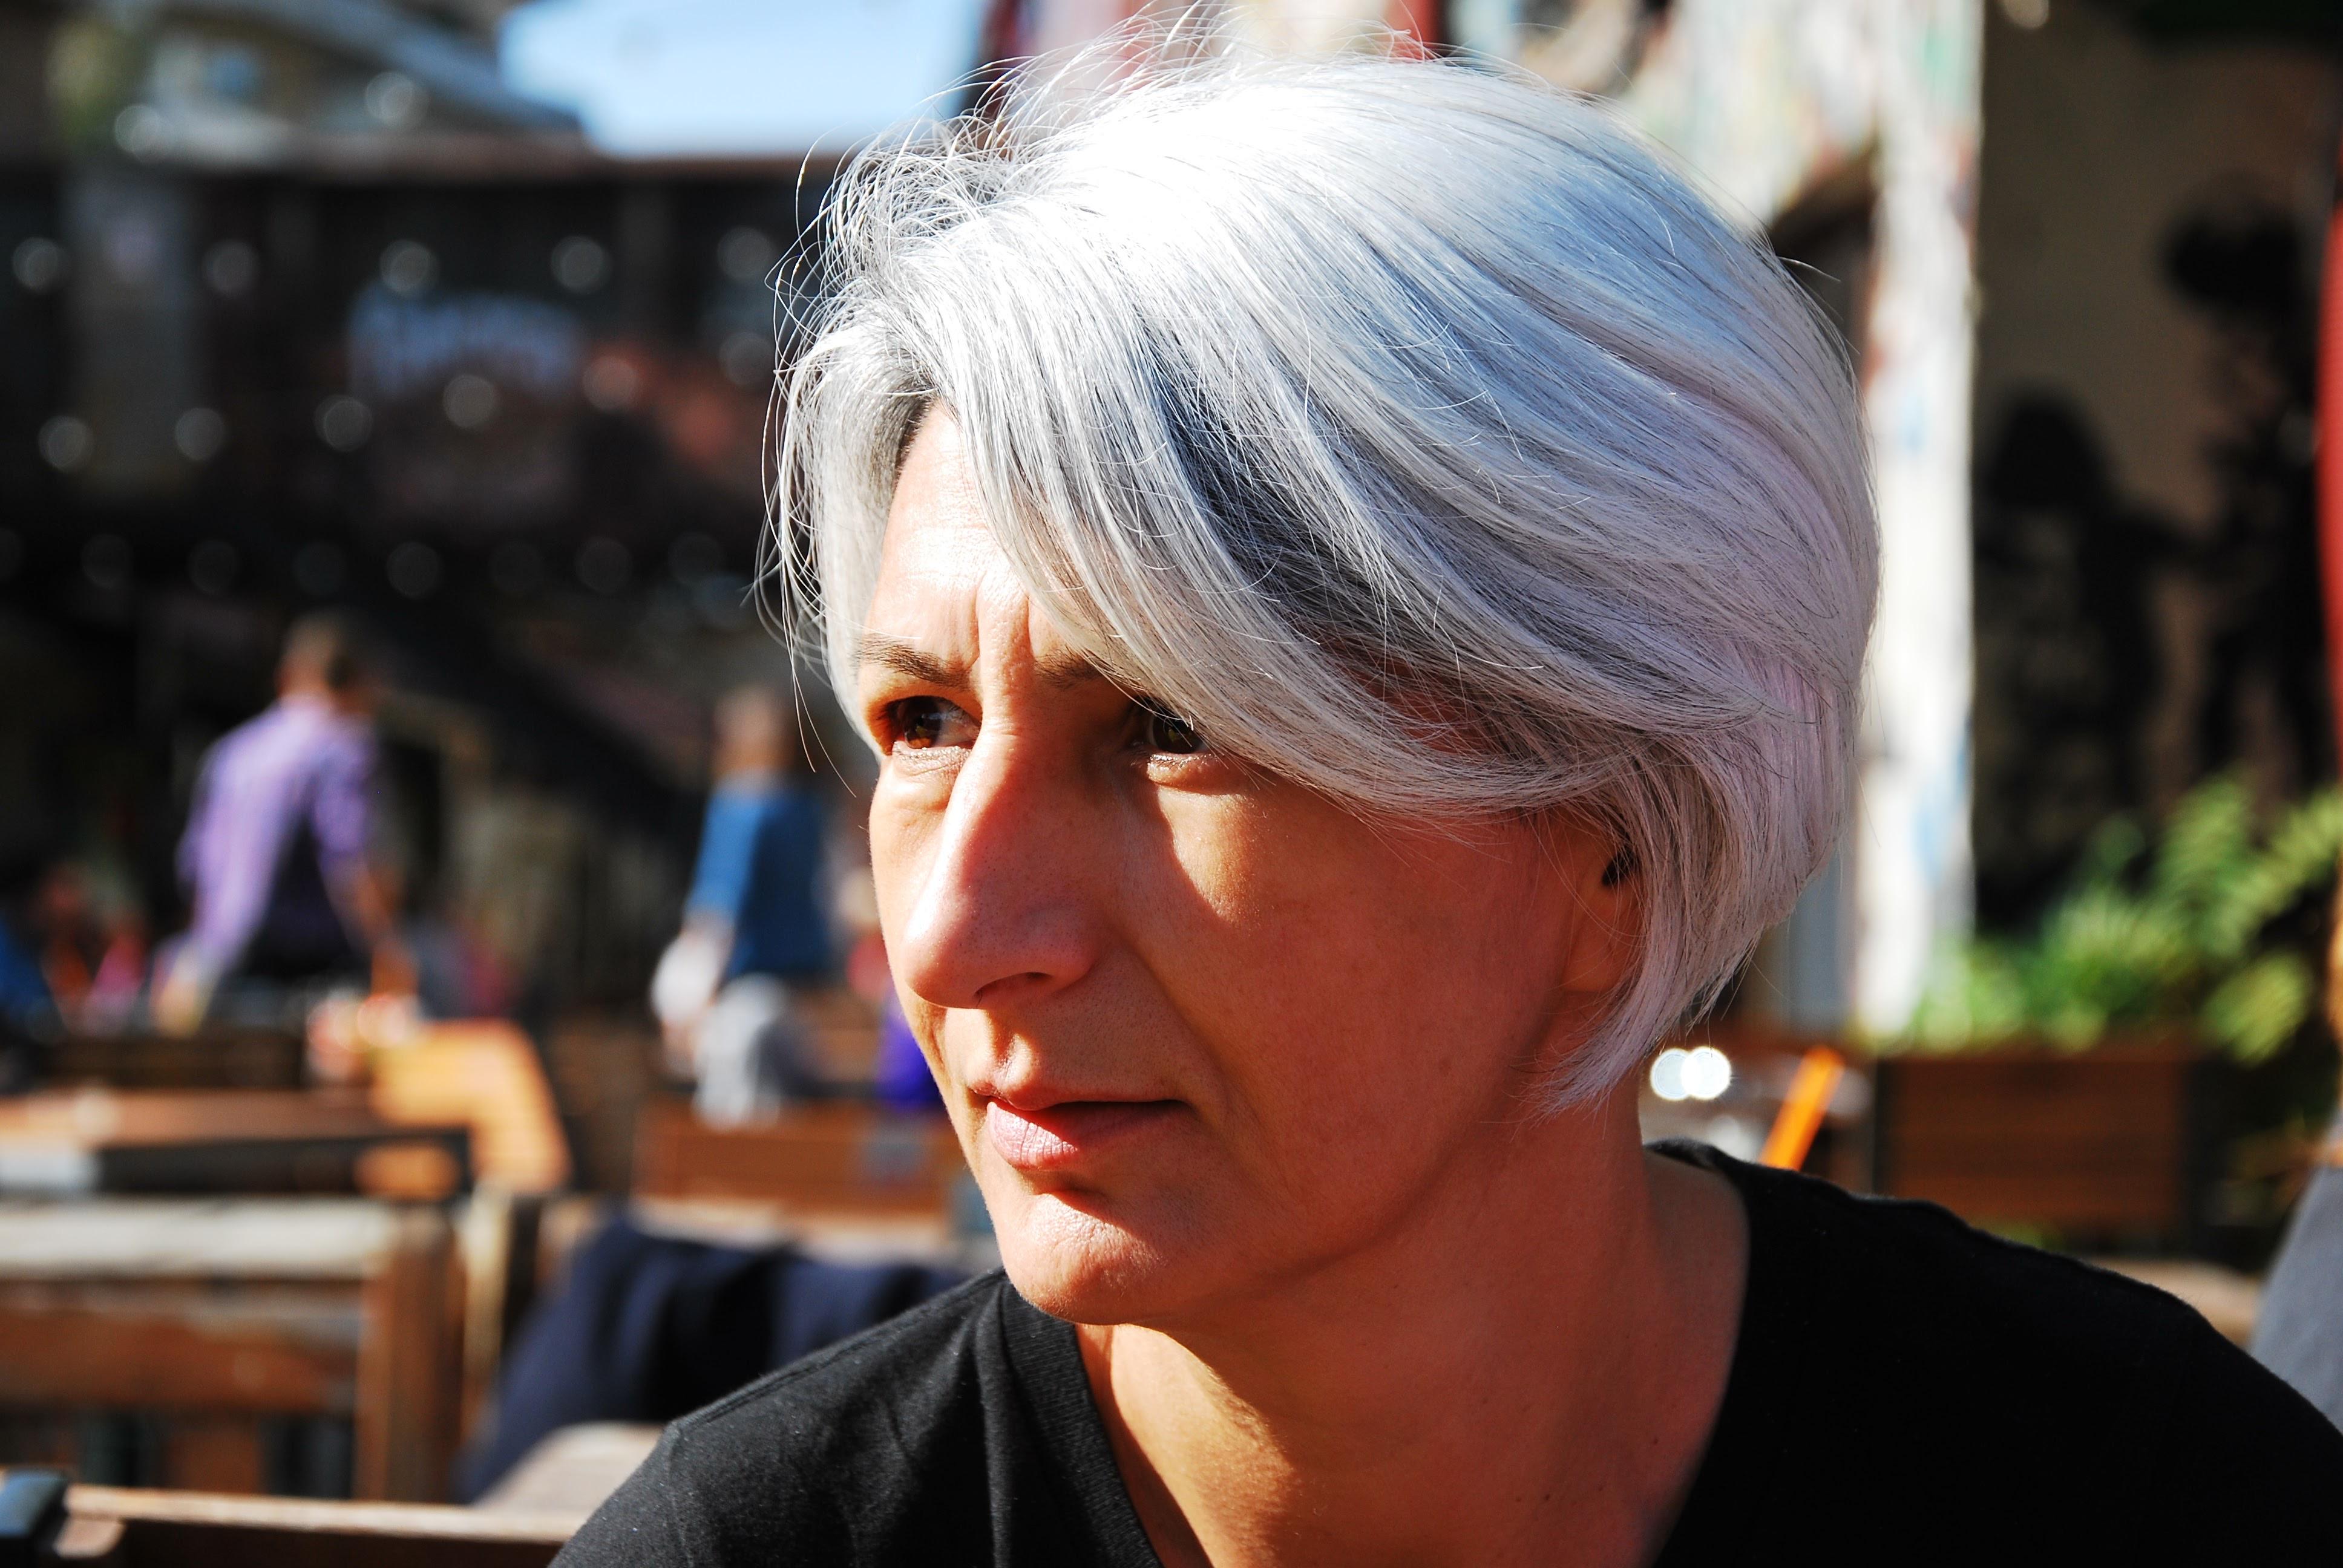 Mirela Dima